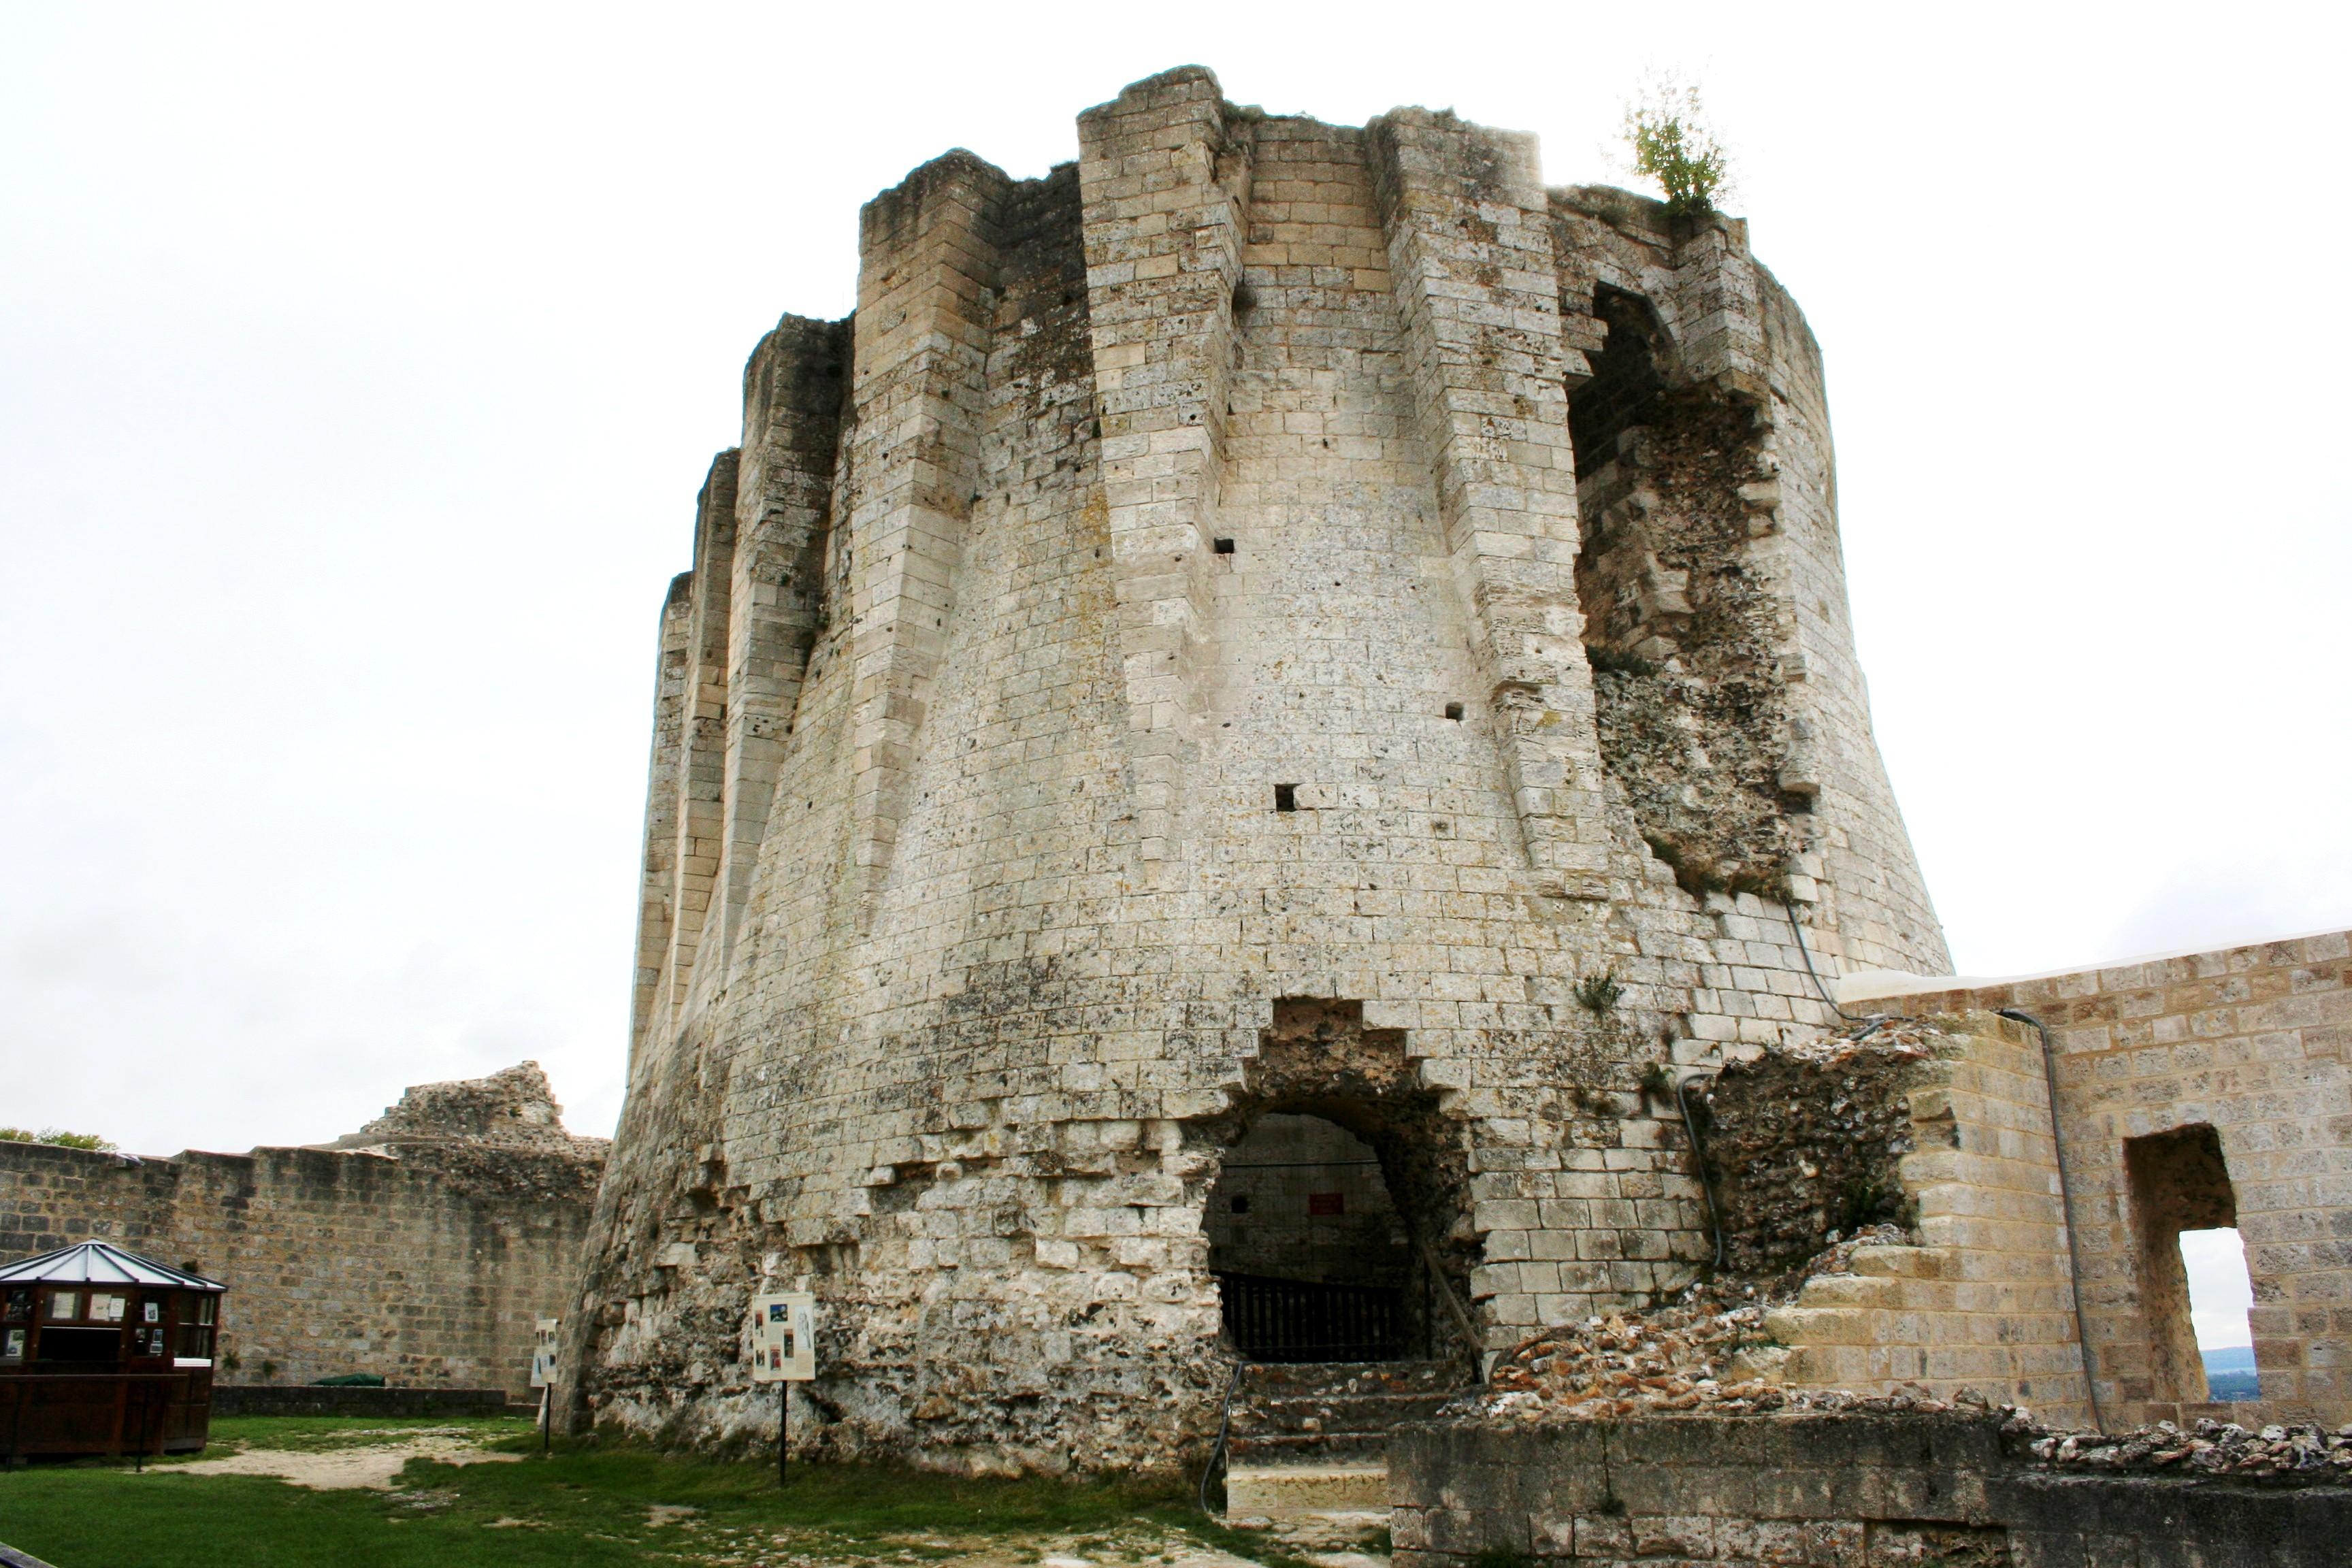 Chateau Gaillard Main Keep